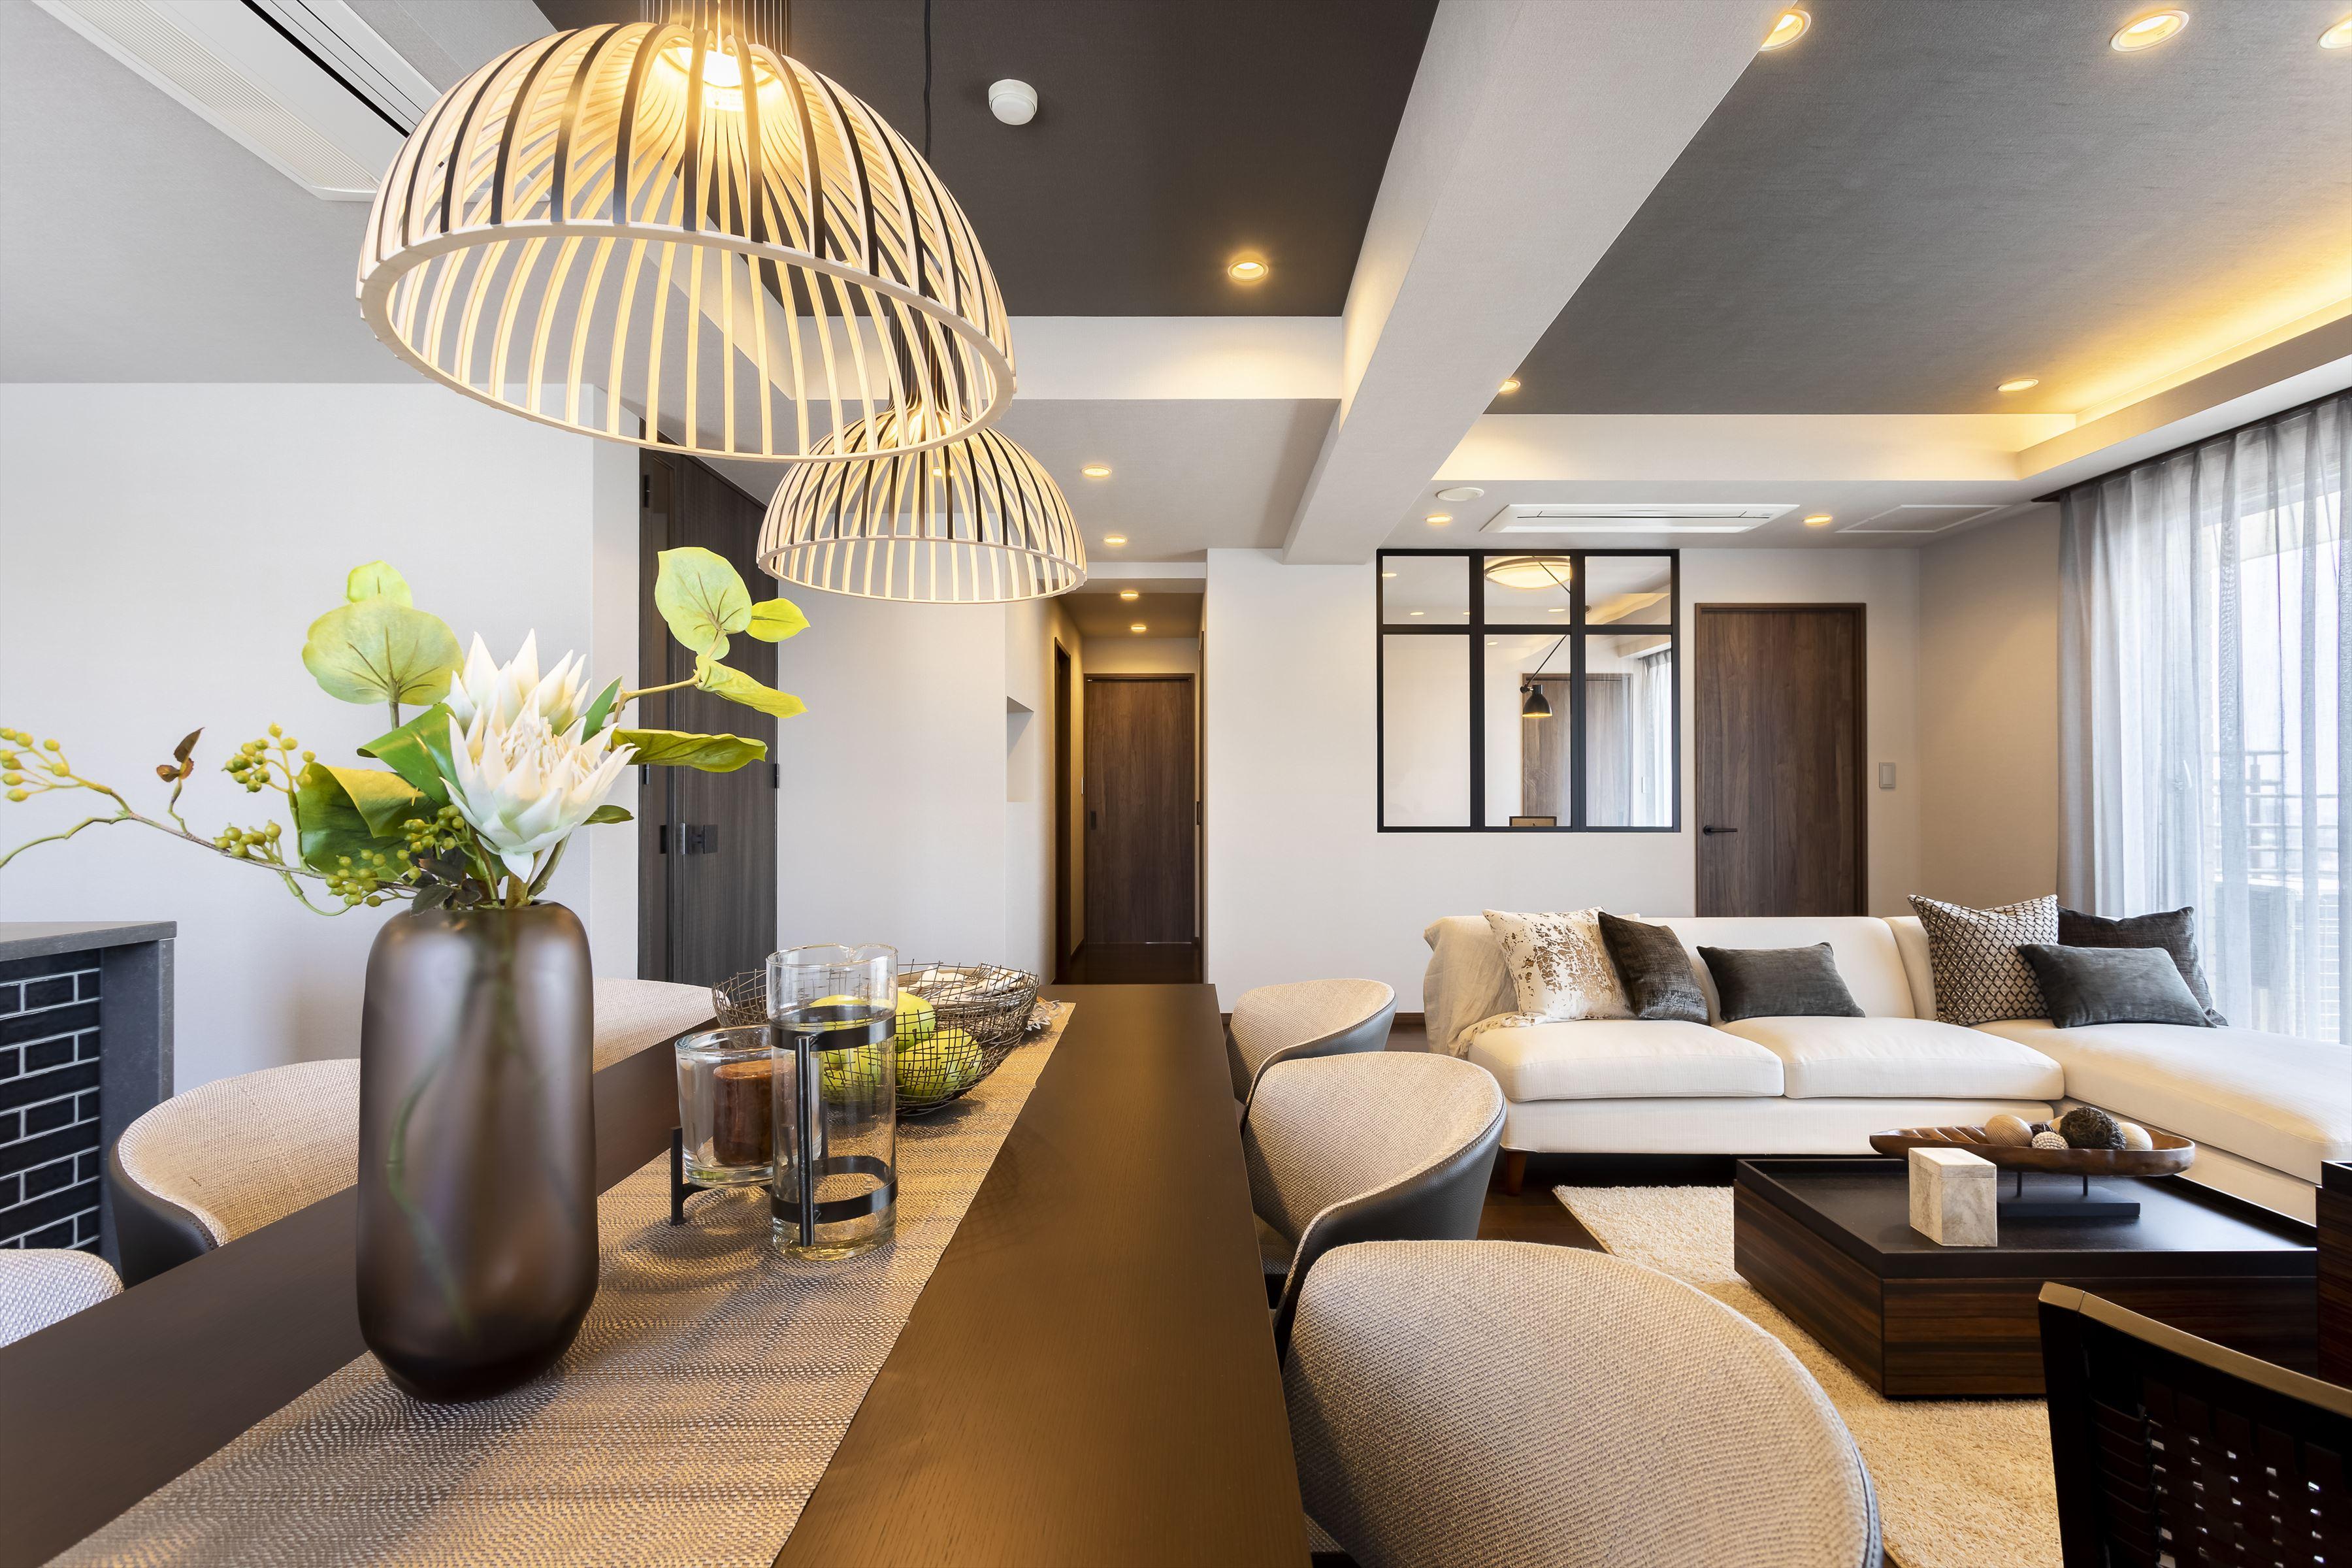 神戸エリアを一望×ブラックウォルナットを基調とした上質なデザイン